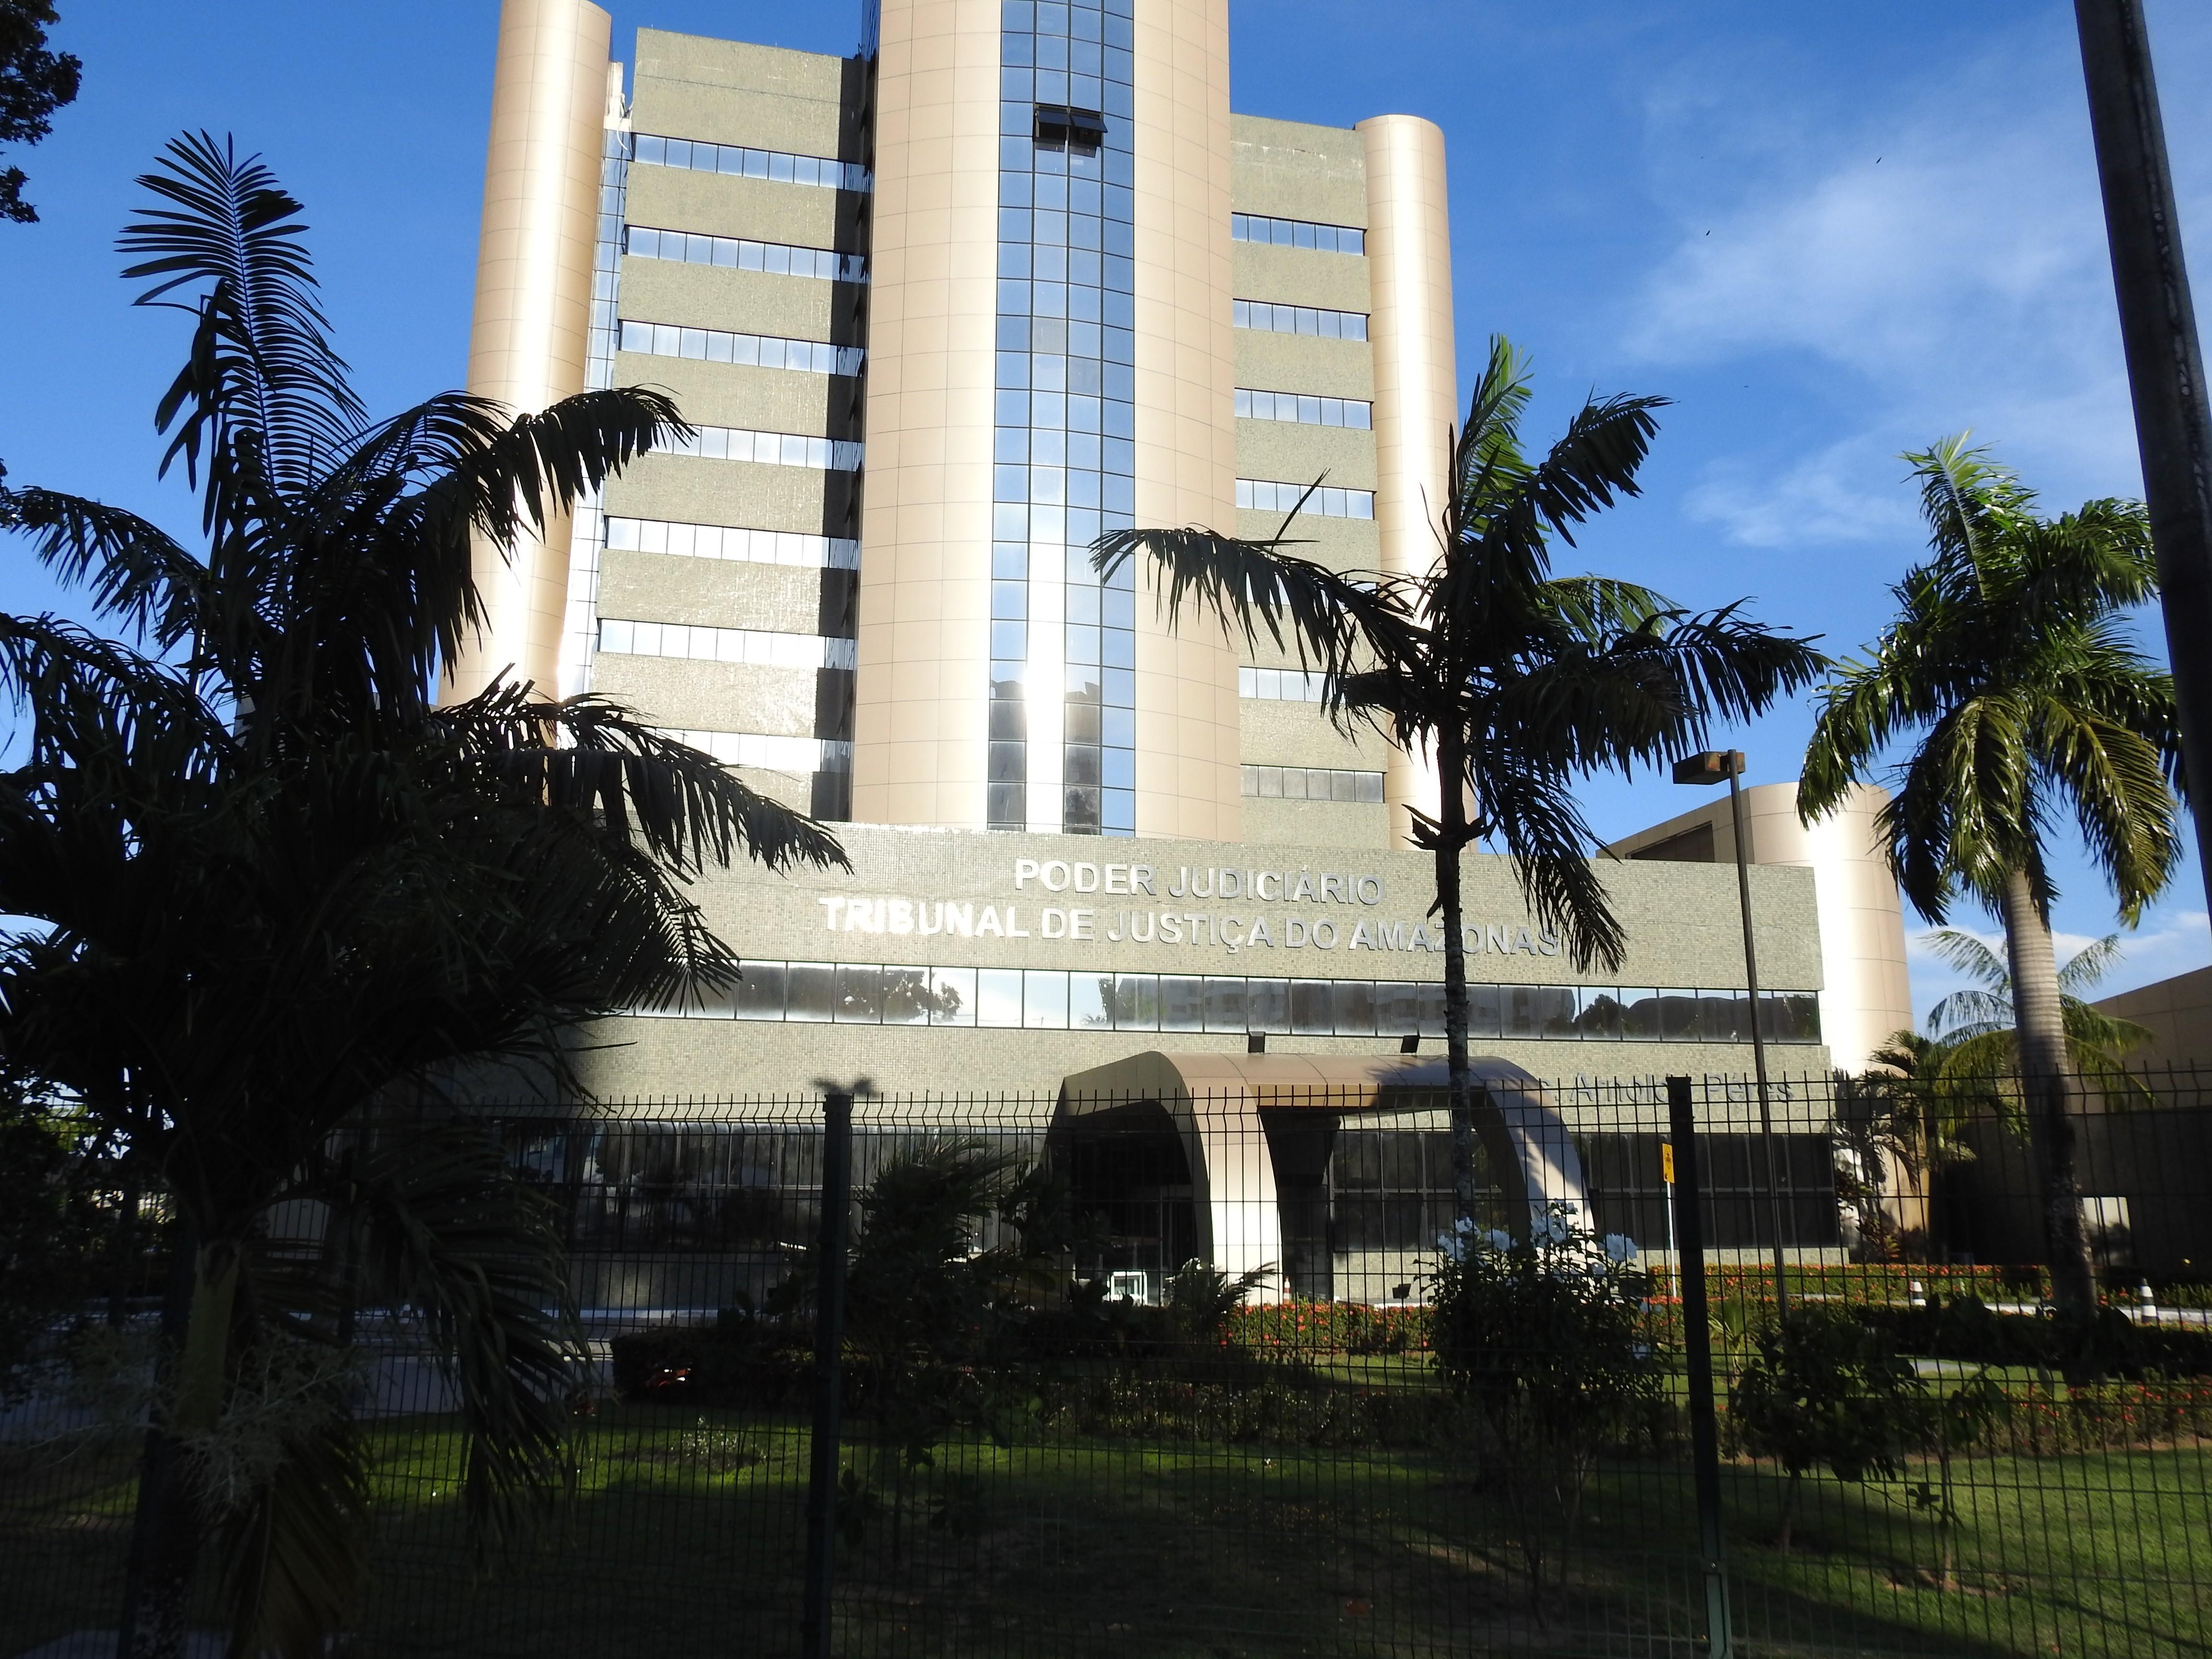 Manaus recebe seminário sobre Pacto Nacional pela Primeira Infância em setembro - Notícias - Plantão Diário